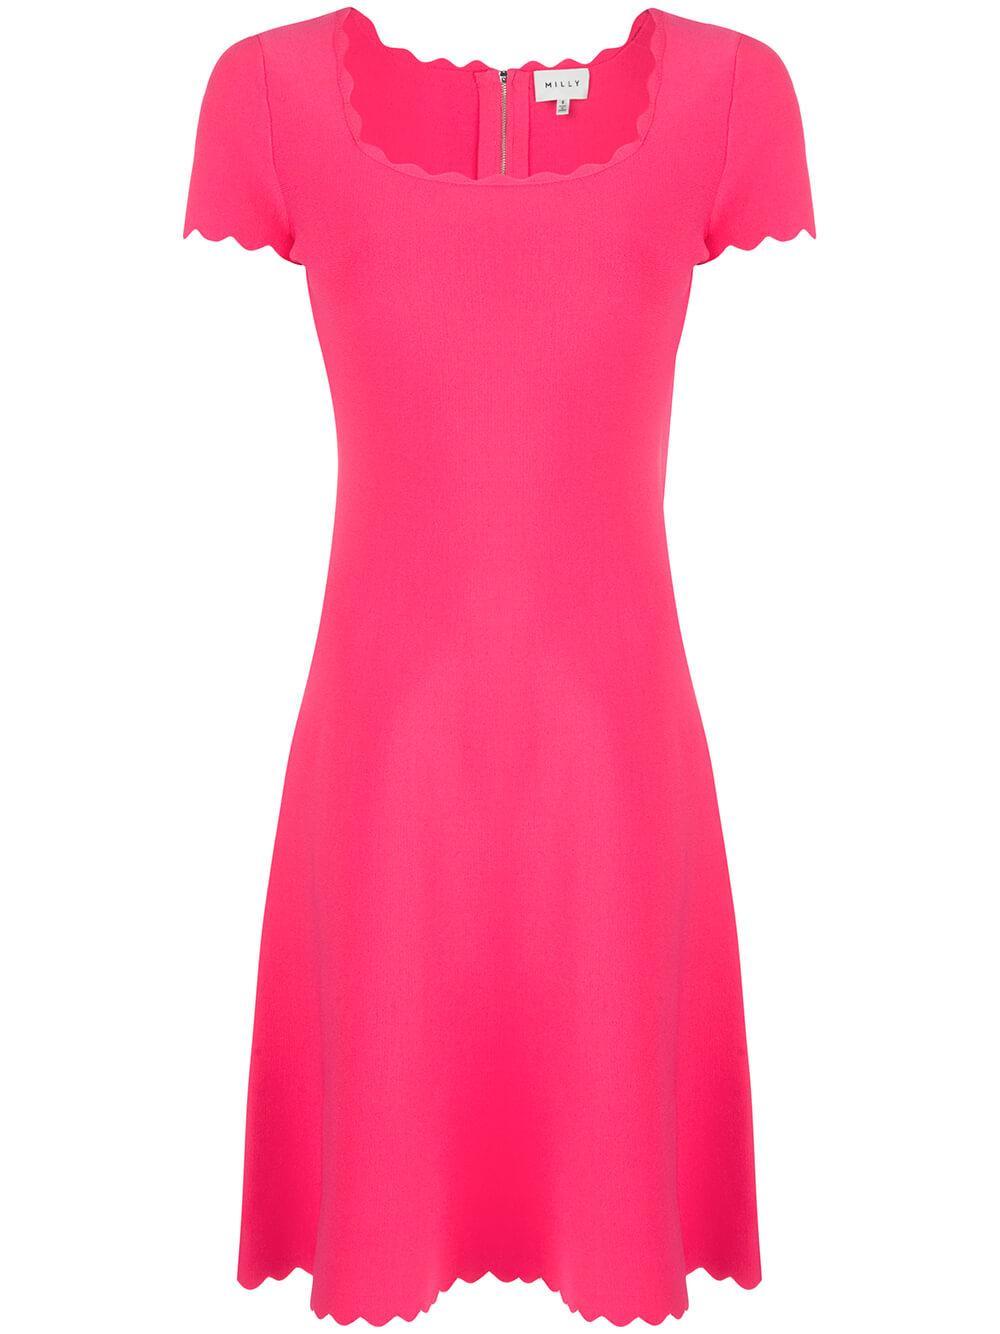 Scallop Square Neck Dress